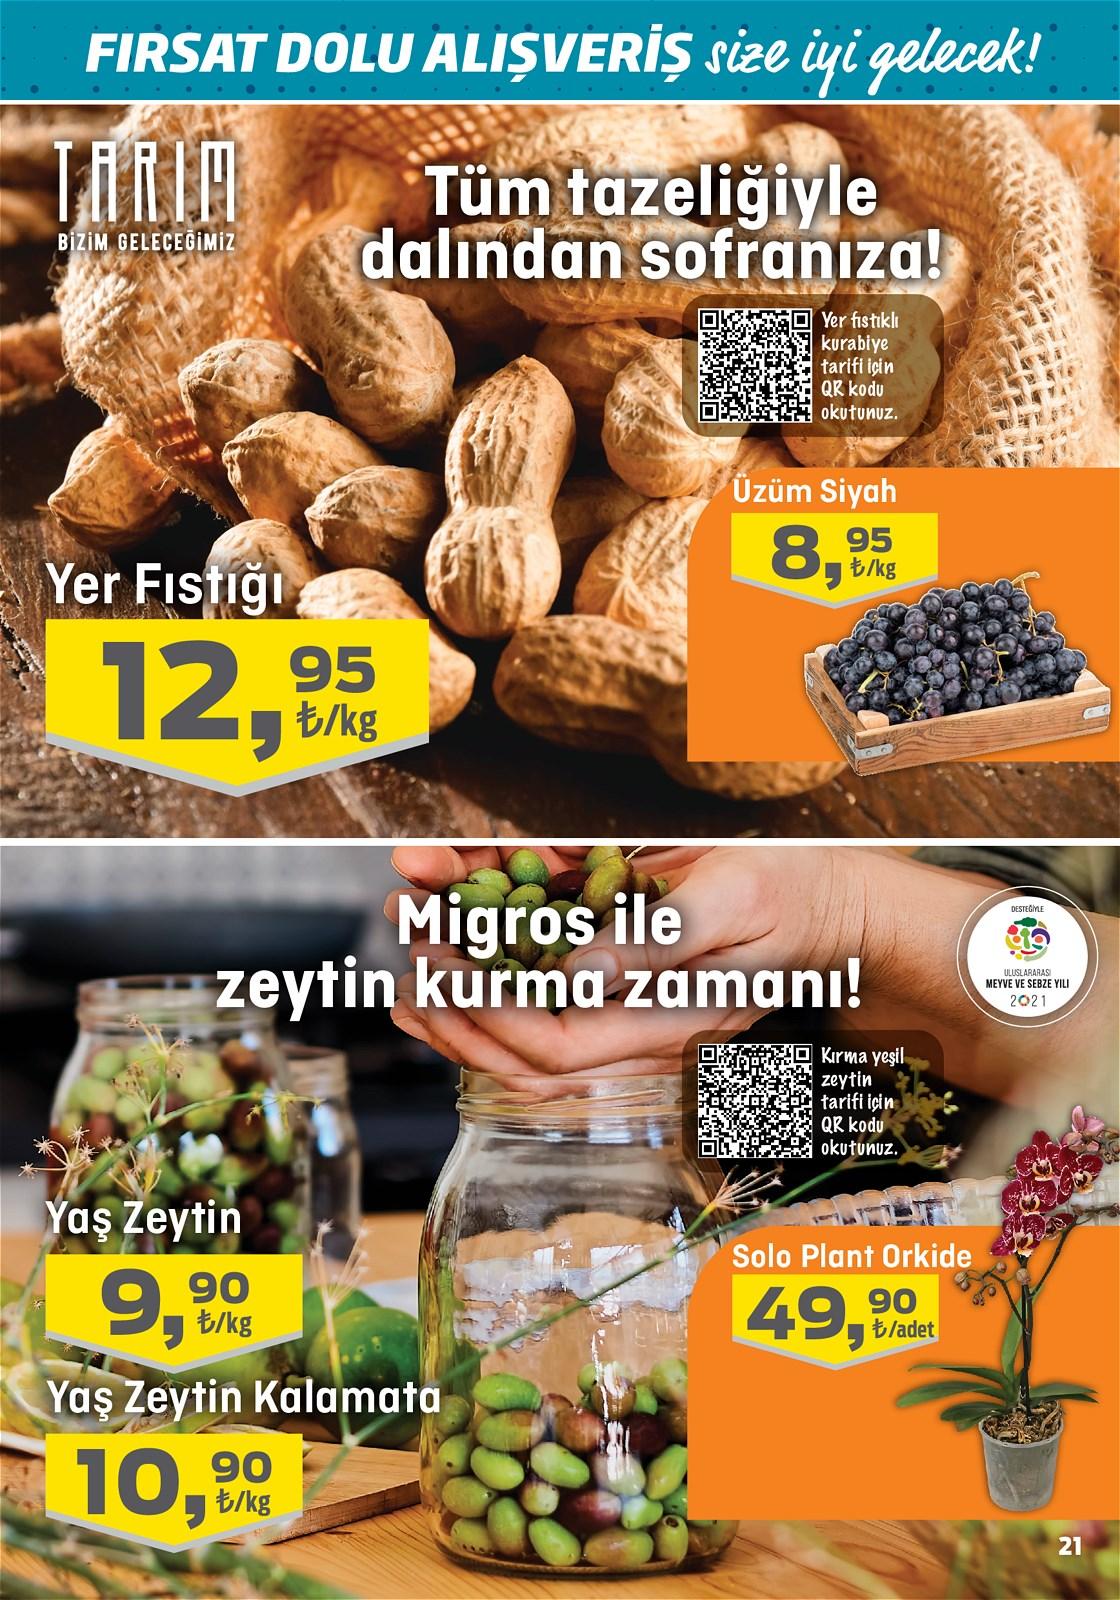 07.10.2021 Migros broşürü 21. sayfa